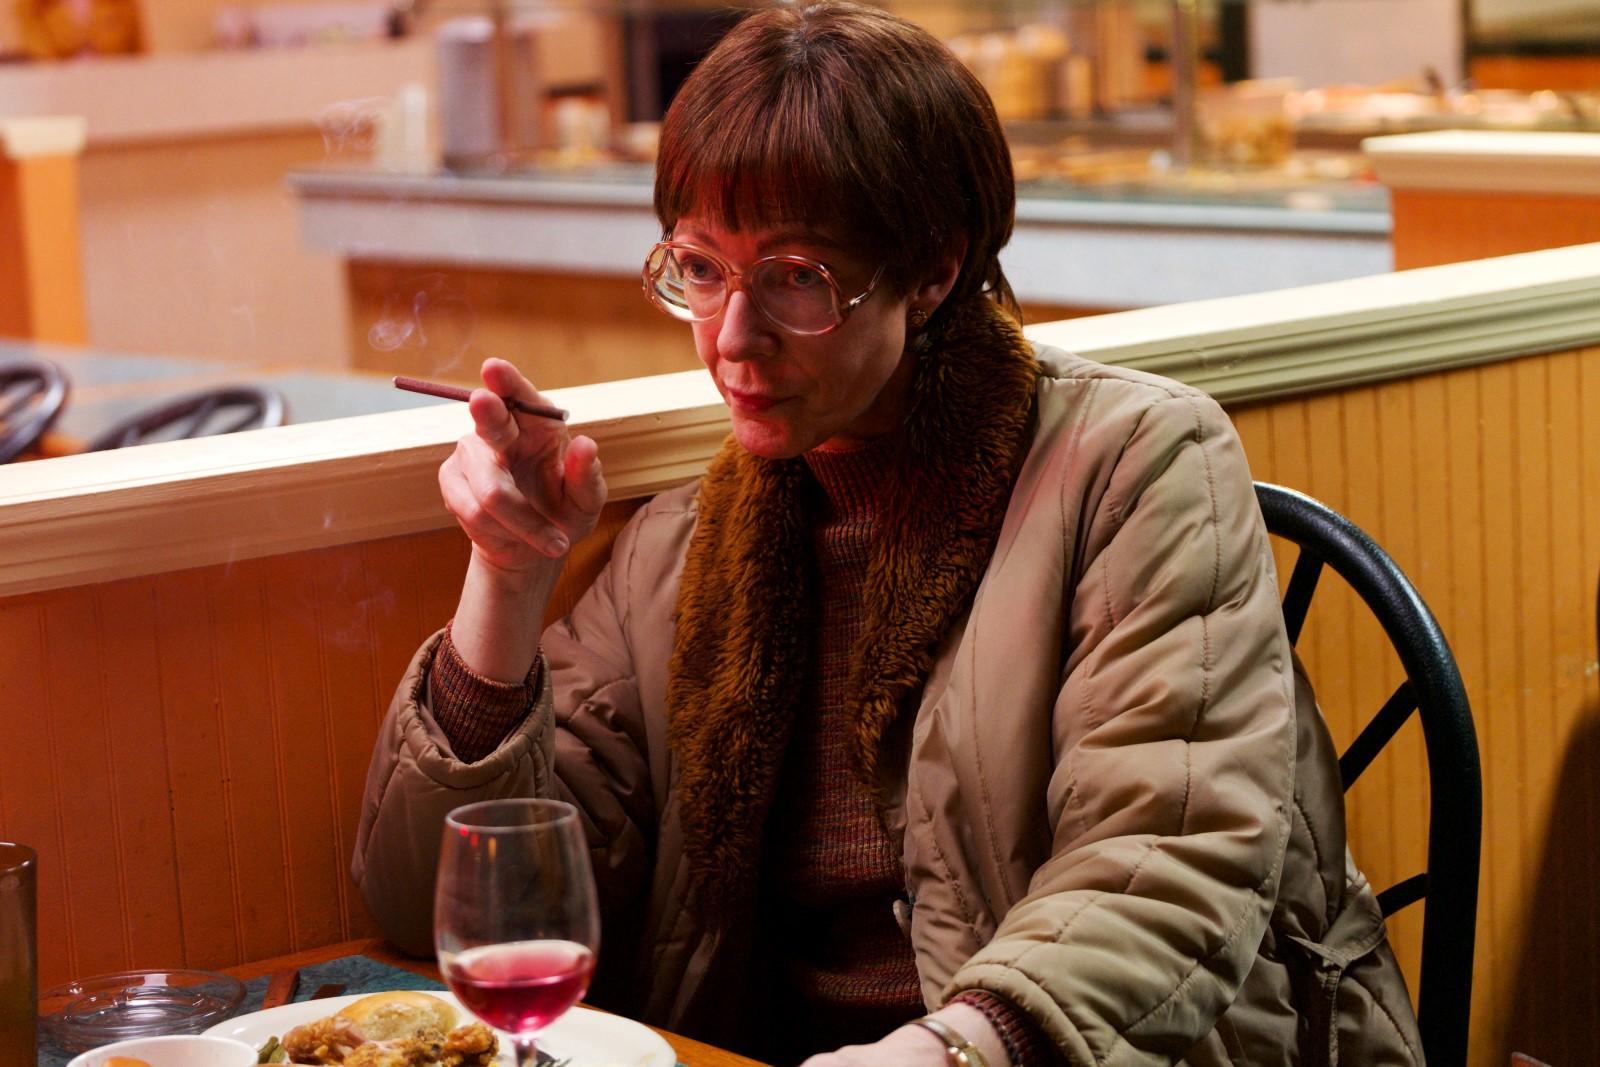 Filme Eu, Tonya Online Dublado - Ano de 2018   Filmes